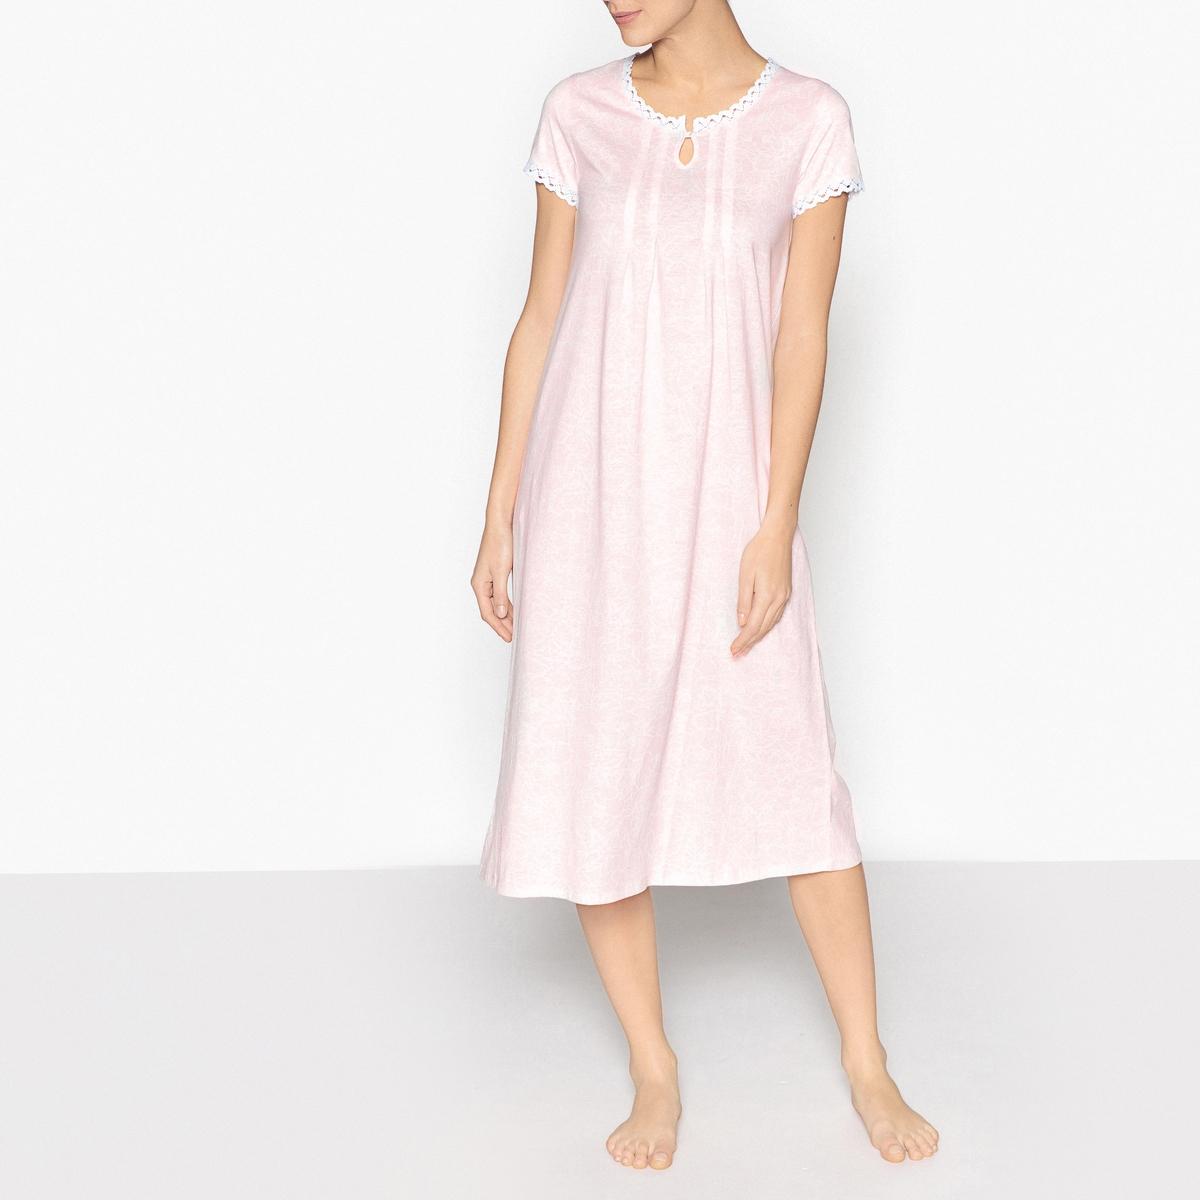 Сорочка ночная из кружева и чесаного хлопкаОписание:Ночная сорочка ANNE WEYBURN. Красивая длинная ночная сорочка, в которой вам будет очень комфортно вечерами . Отделка красивым кружевом выреза .Детали изделия•  Длинная ночная сорочка . •  Отделка кружевом круглого выреза . •  Короткие рукава. •  Длина : 120 см. •  Марка : ANNE WEYBURN..Состав и уход •  Материал : 100% хлопок. •  Машинная стирка при 40°C в деликатном режиме. •  Стирать с вещами схожих цветов. •  Стирать и гладить с изнаночной стороны. •  Гладить при низкой температуре.<br><br>Цвет: набивной рисунок<br>Размер: 50/52 (FR) - 56/58 (RUS).46/48 (FR) - 52/54 (RUS).42/44 (FR) - 48/50 (RUS)